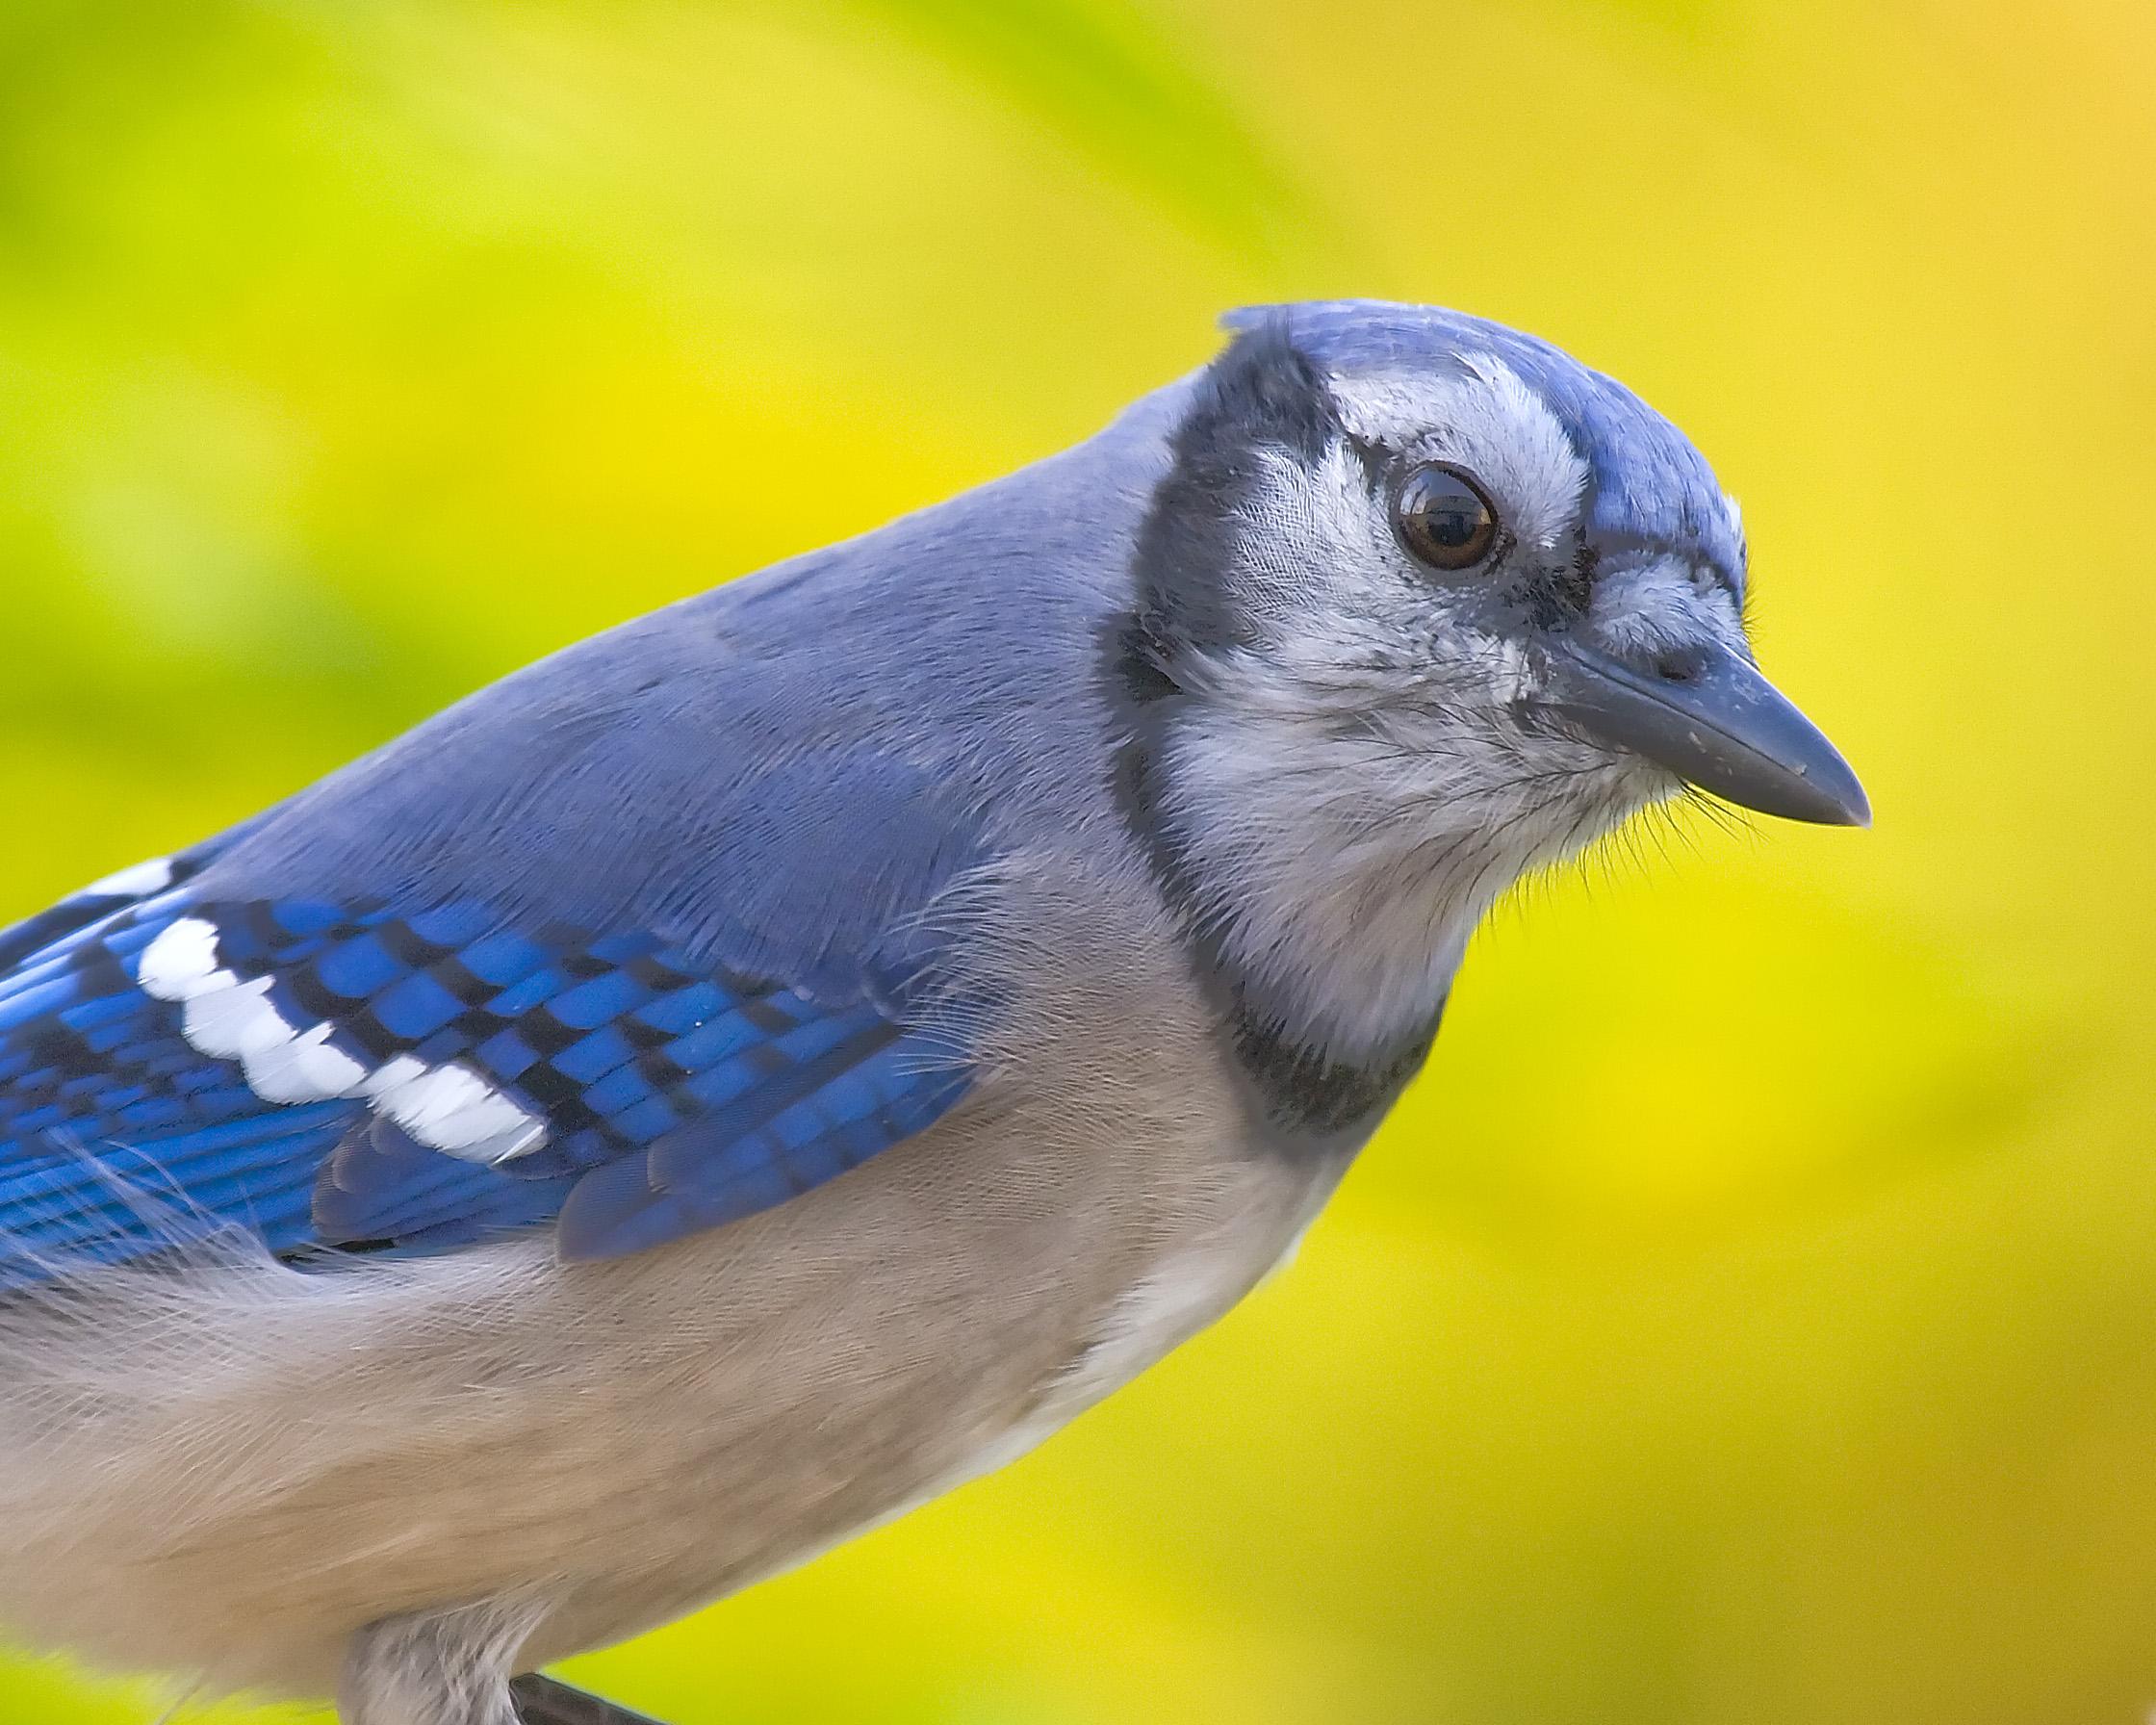 Blue jay photo